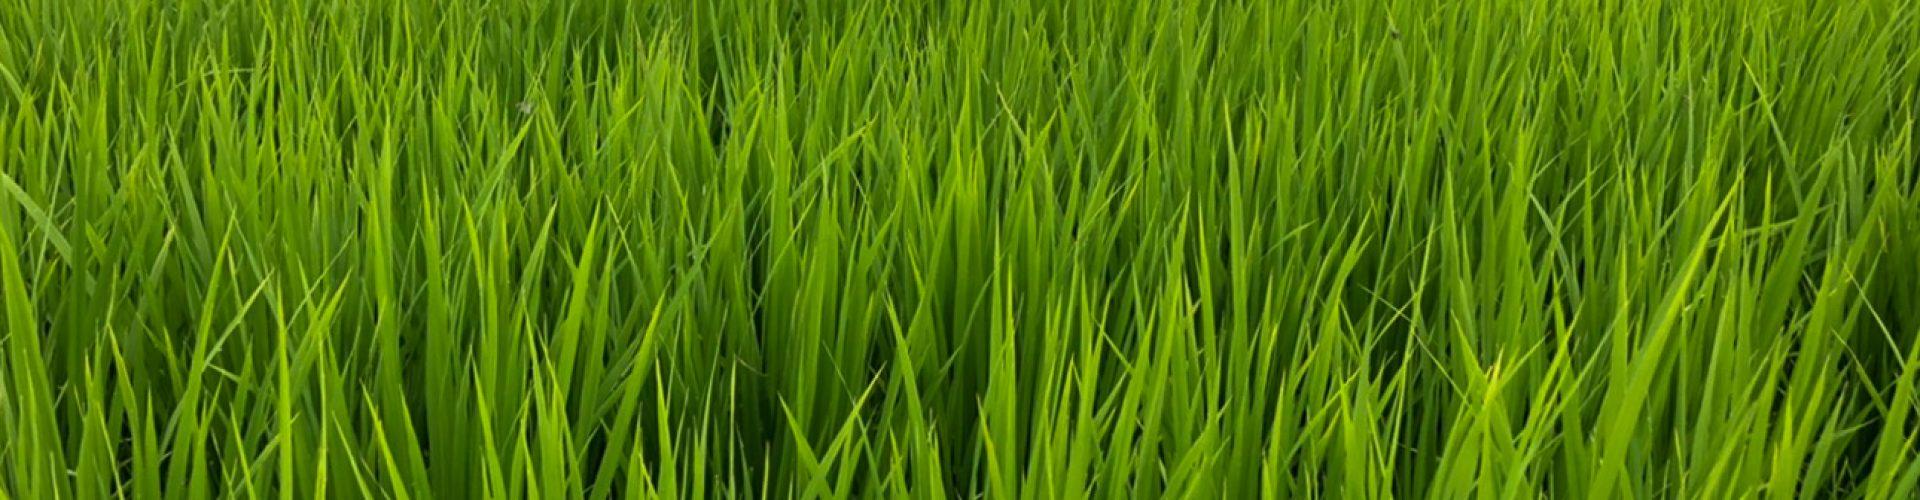 出穂前の稲